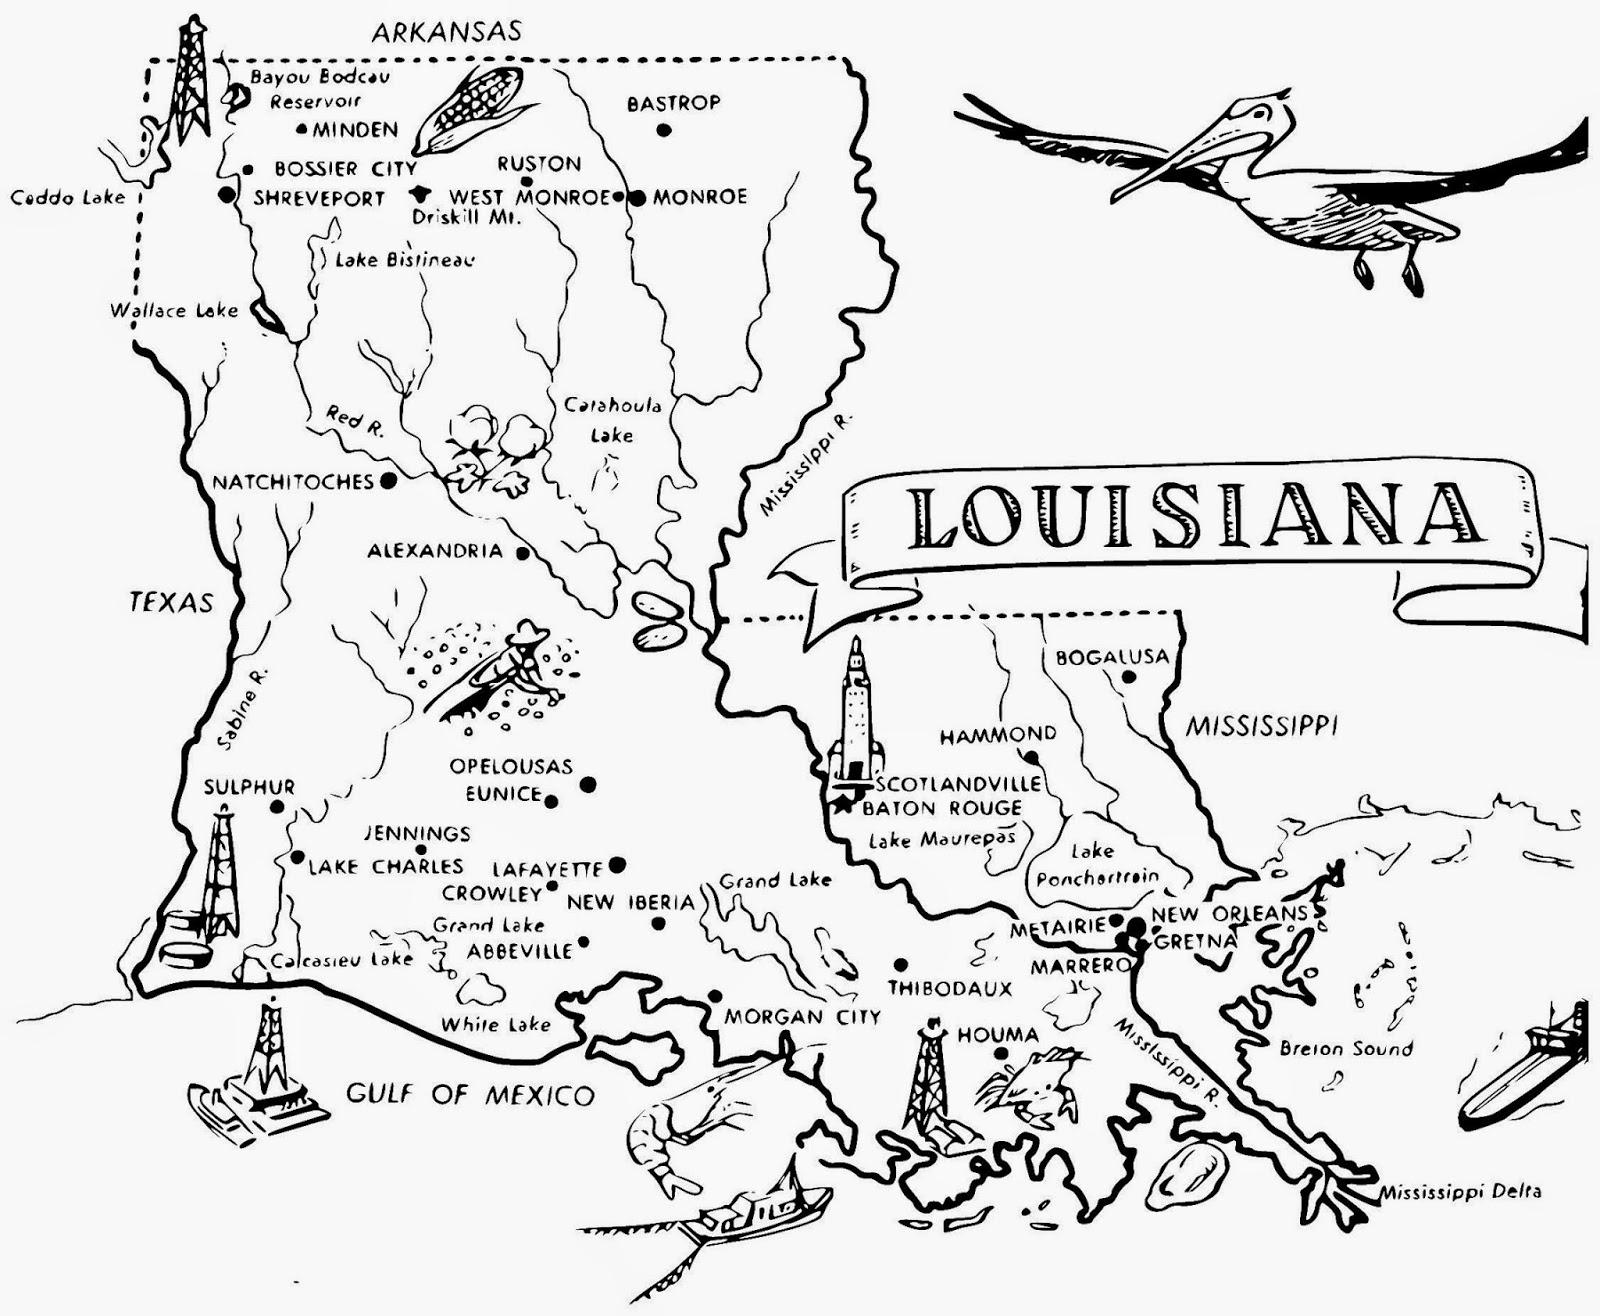 http://1.bp.blogspot.com/-h_GXSPbX_VA/VMMQiikfruI/AAAAAAAA7Lc/o5sdN2zpO7w/s1600/LouisianaIconMapVintageTlcCreations.jpg